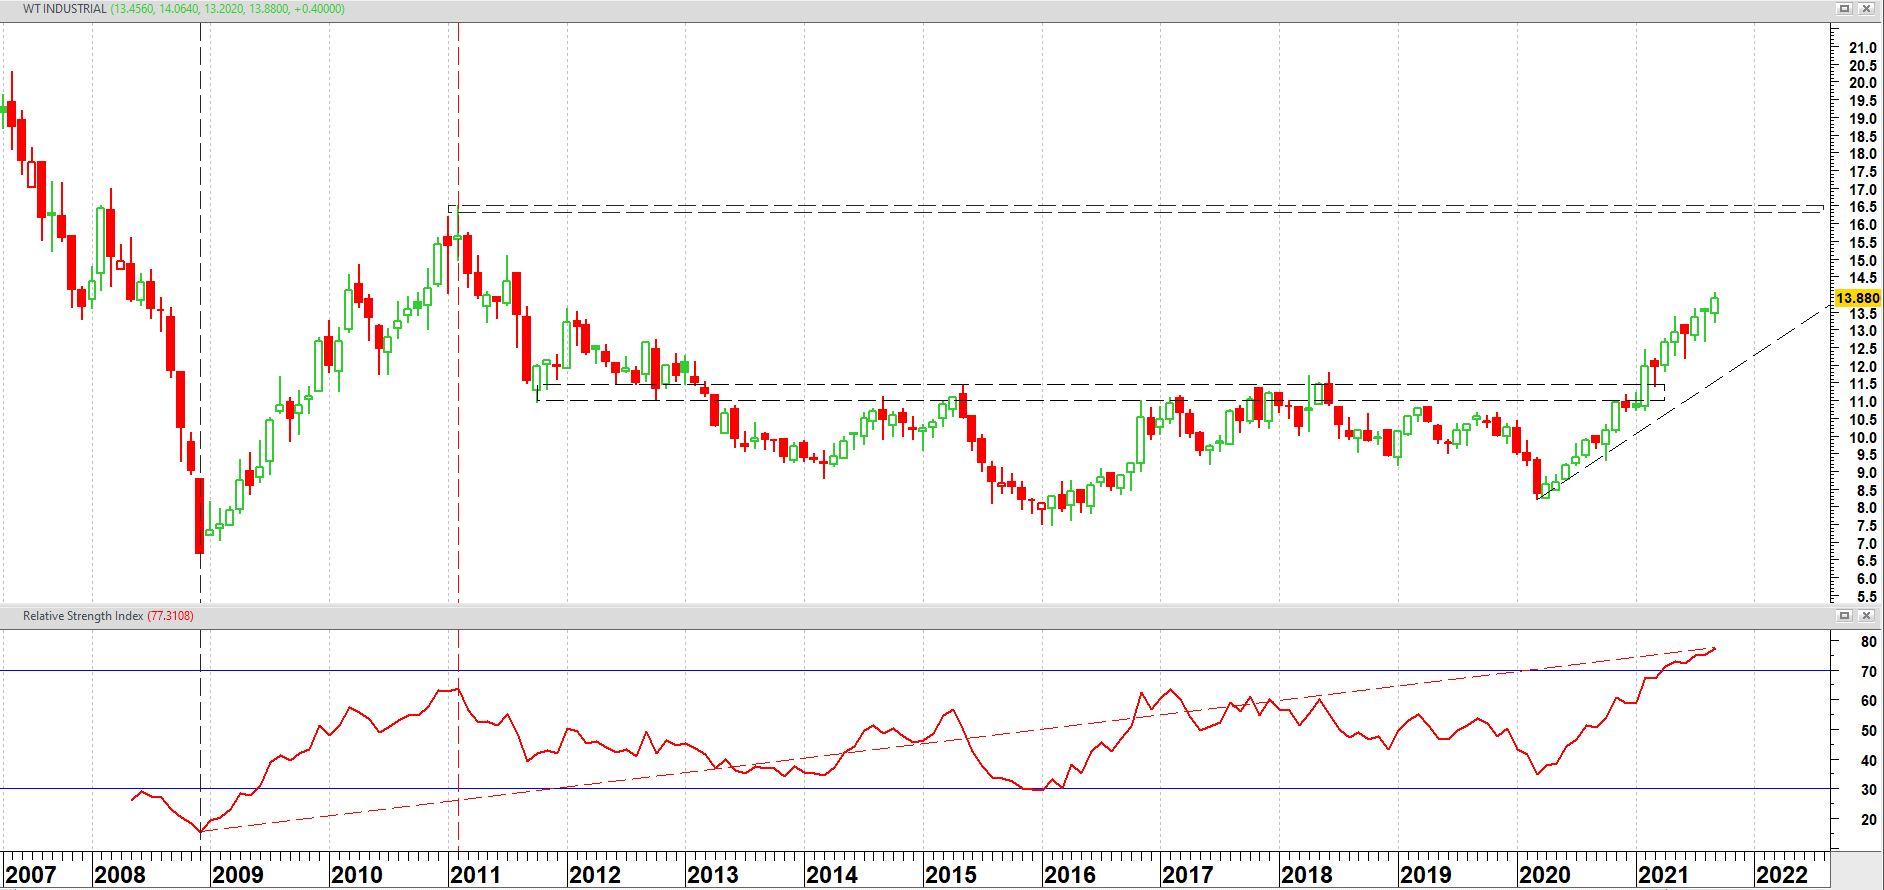 WisdomTree Industrial Metals ETF (AIGI) op maandbasis + relatieve sterkte index (RSI)